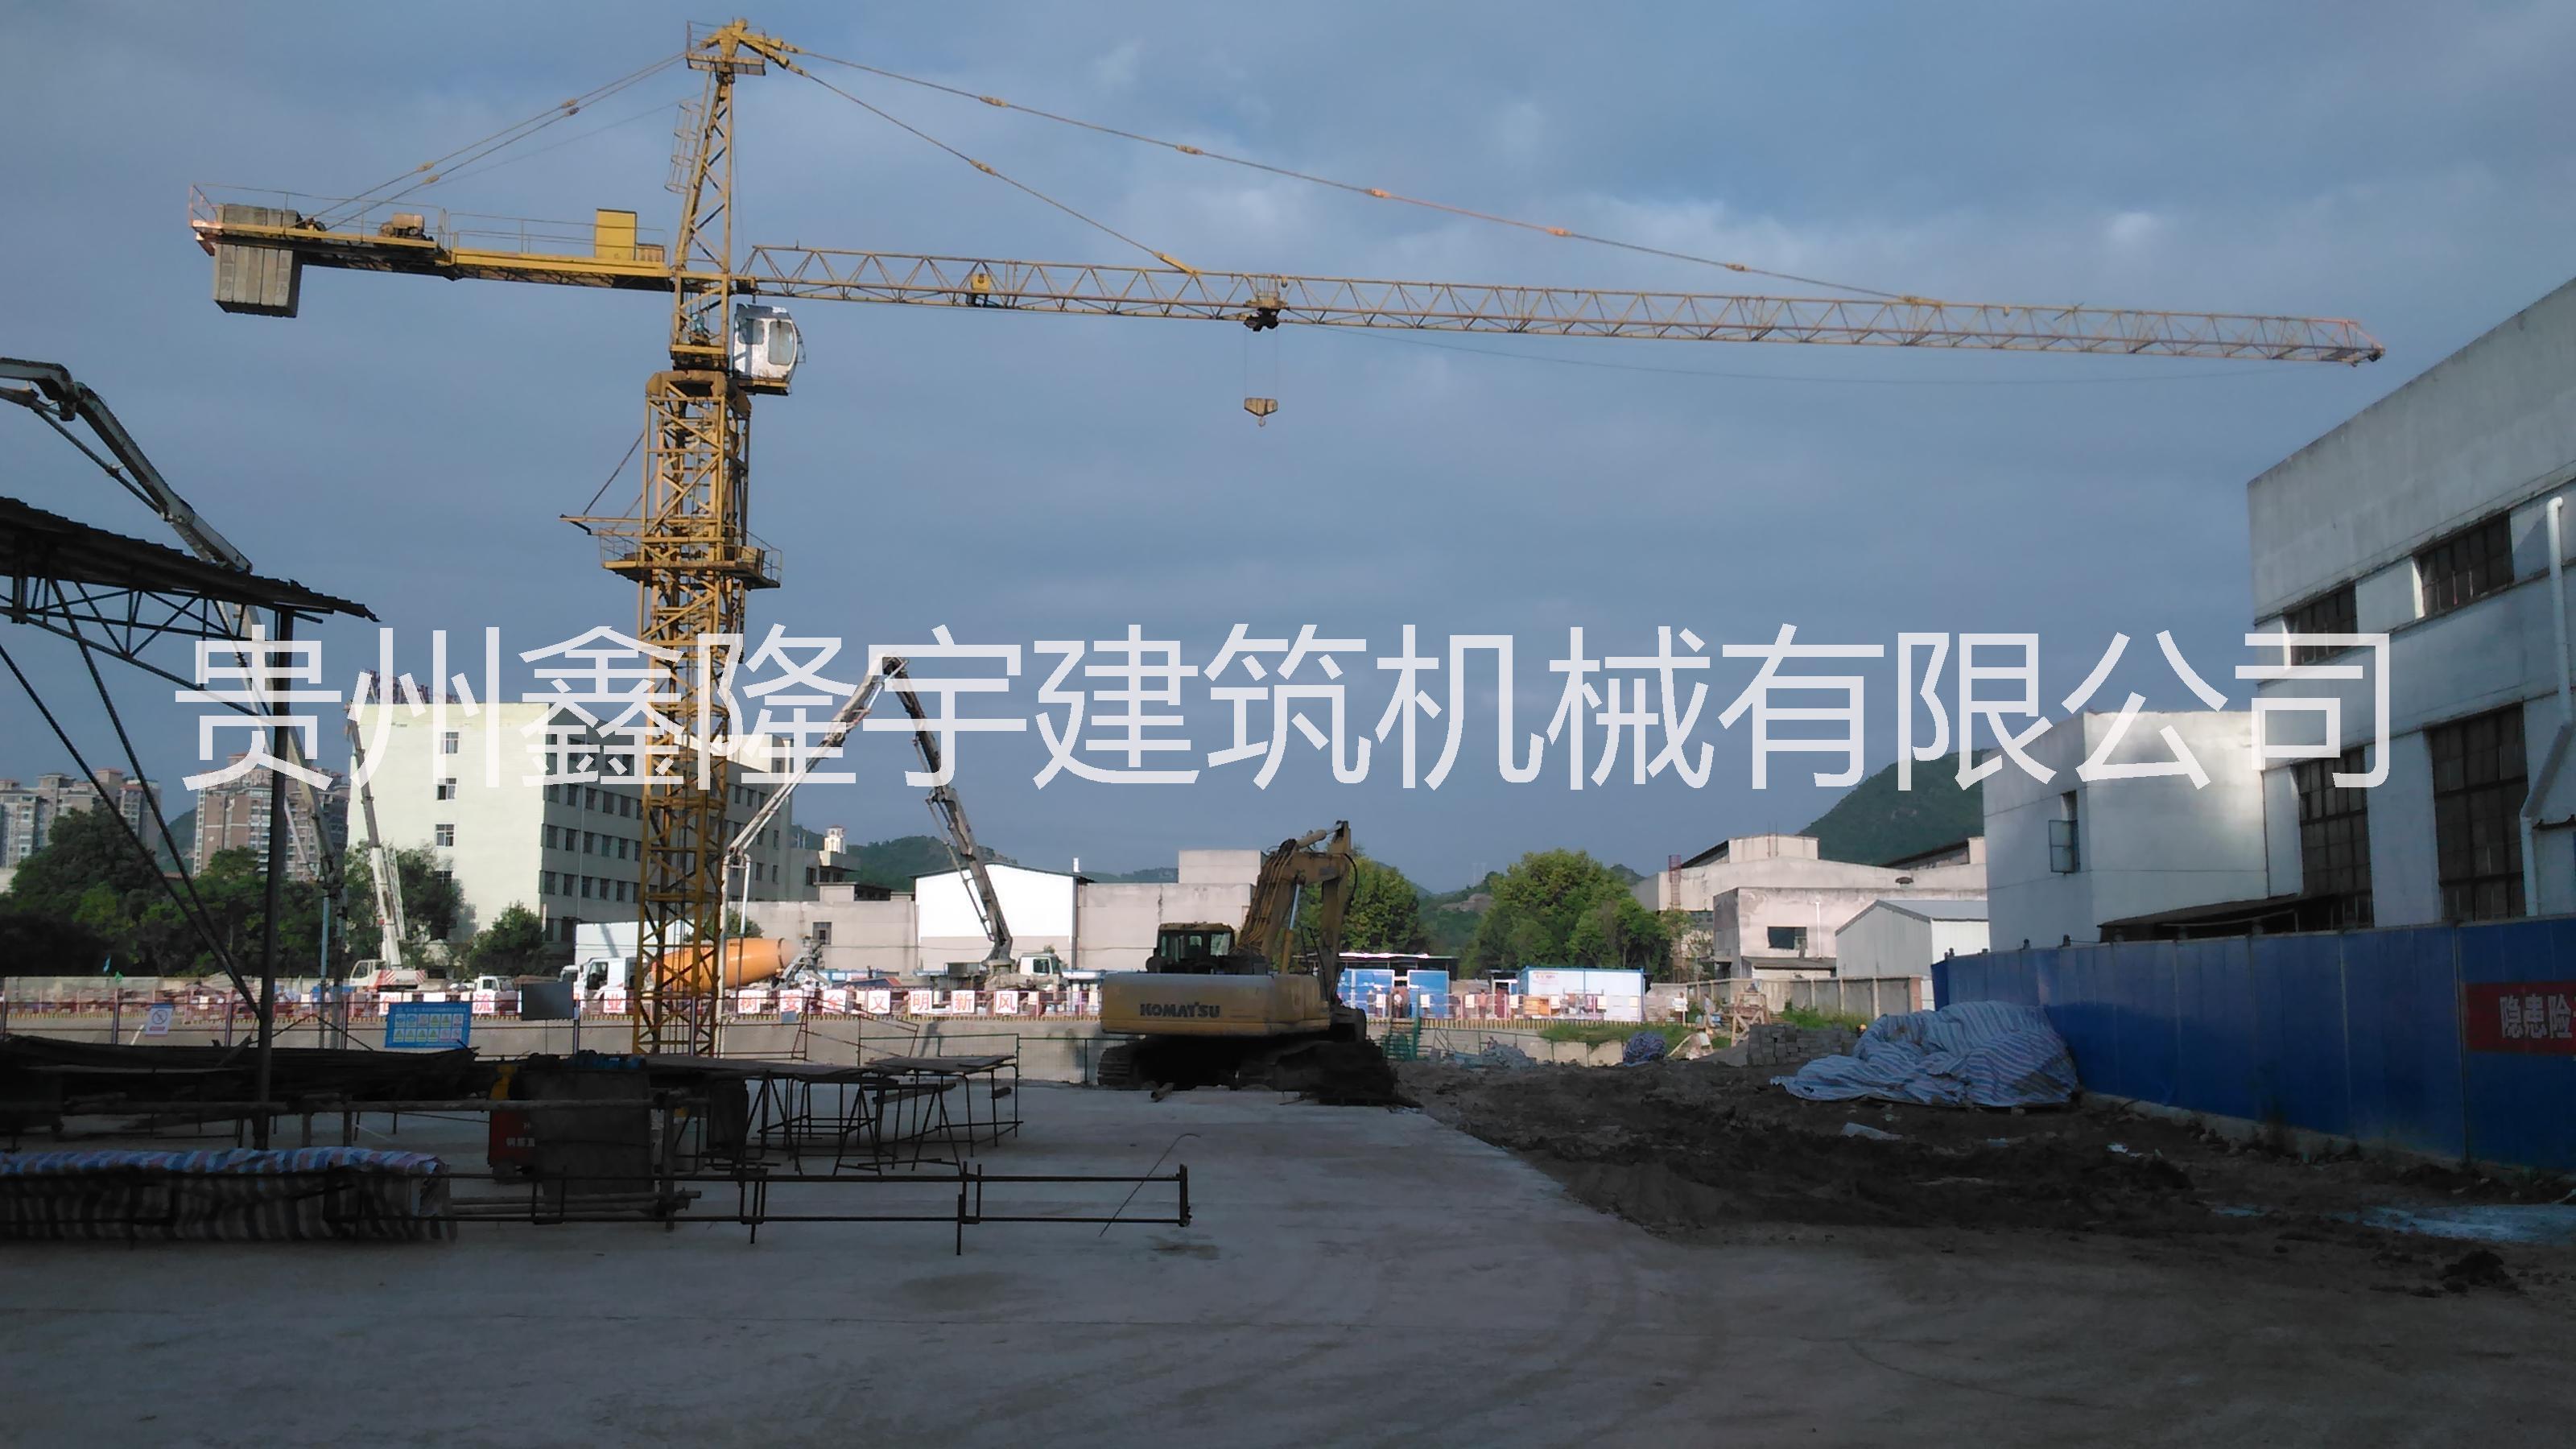 丹寨县塔式起重机租赁qtz6010批发